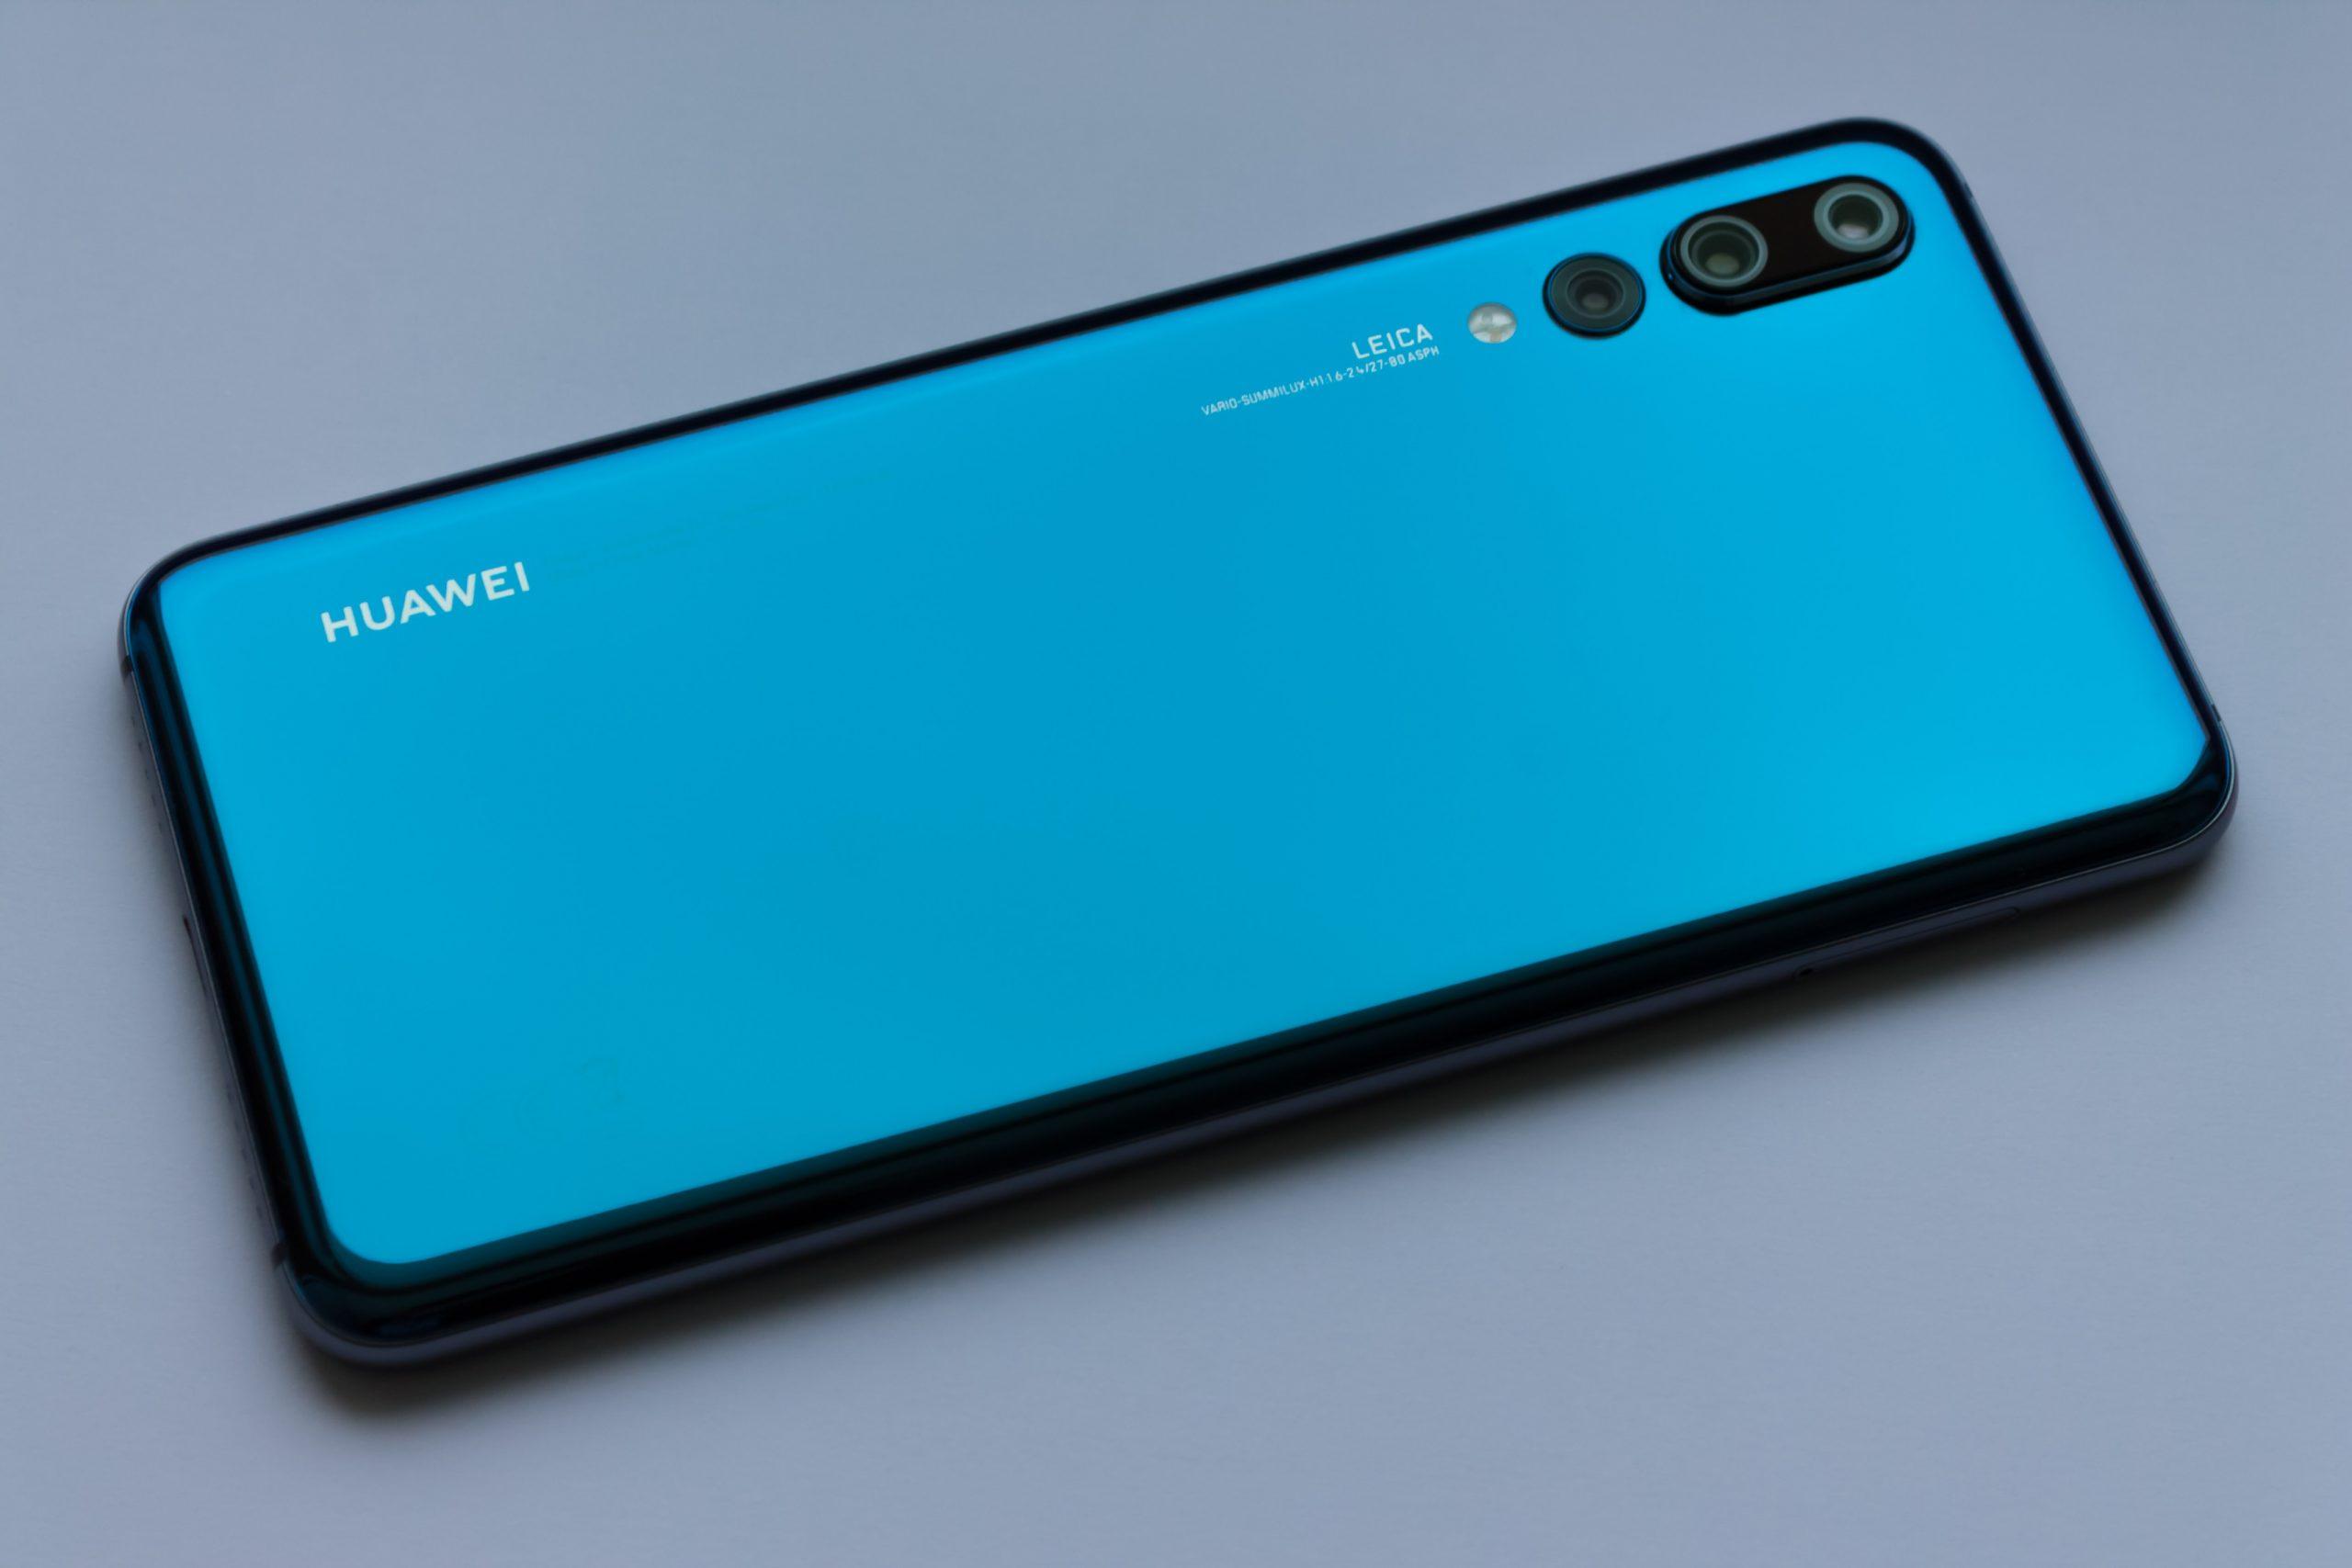 Móviles Huawei: ¿Cuál es el mejor del 2020?